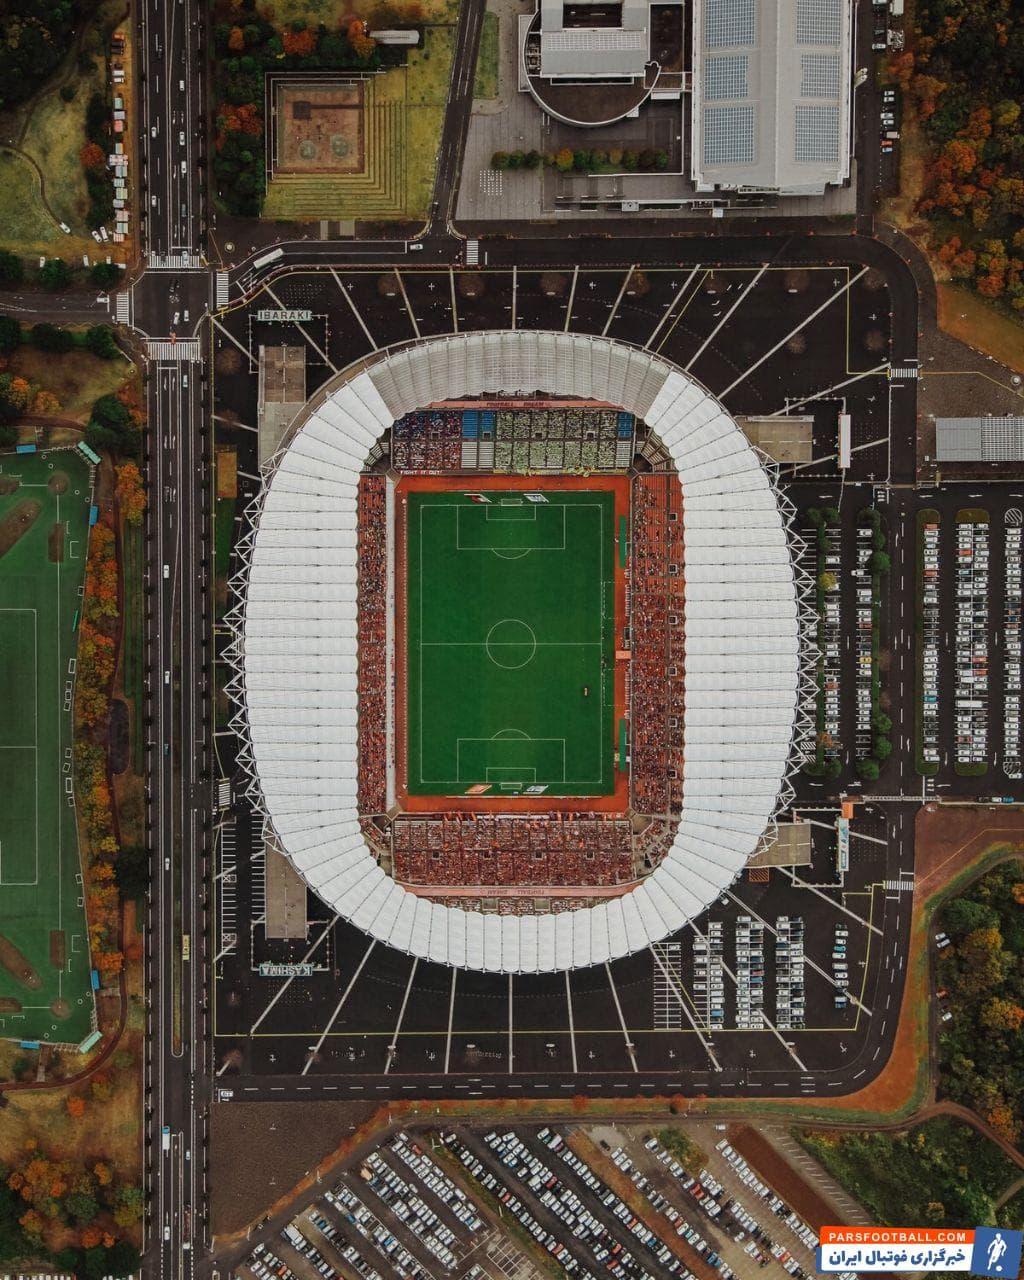 در نهایت باید گفت همین استادیوم کاشیما ساکر، رویای پرسپولیس را گرفت؛ رویایی که مشخص نیست چند سال بعد دوباره قرمزها به تحقق آن نزدیک شوند.